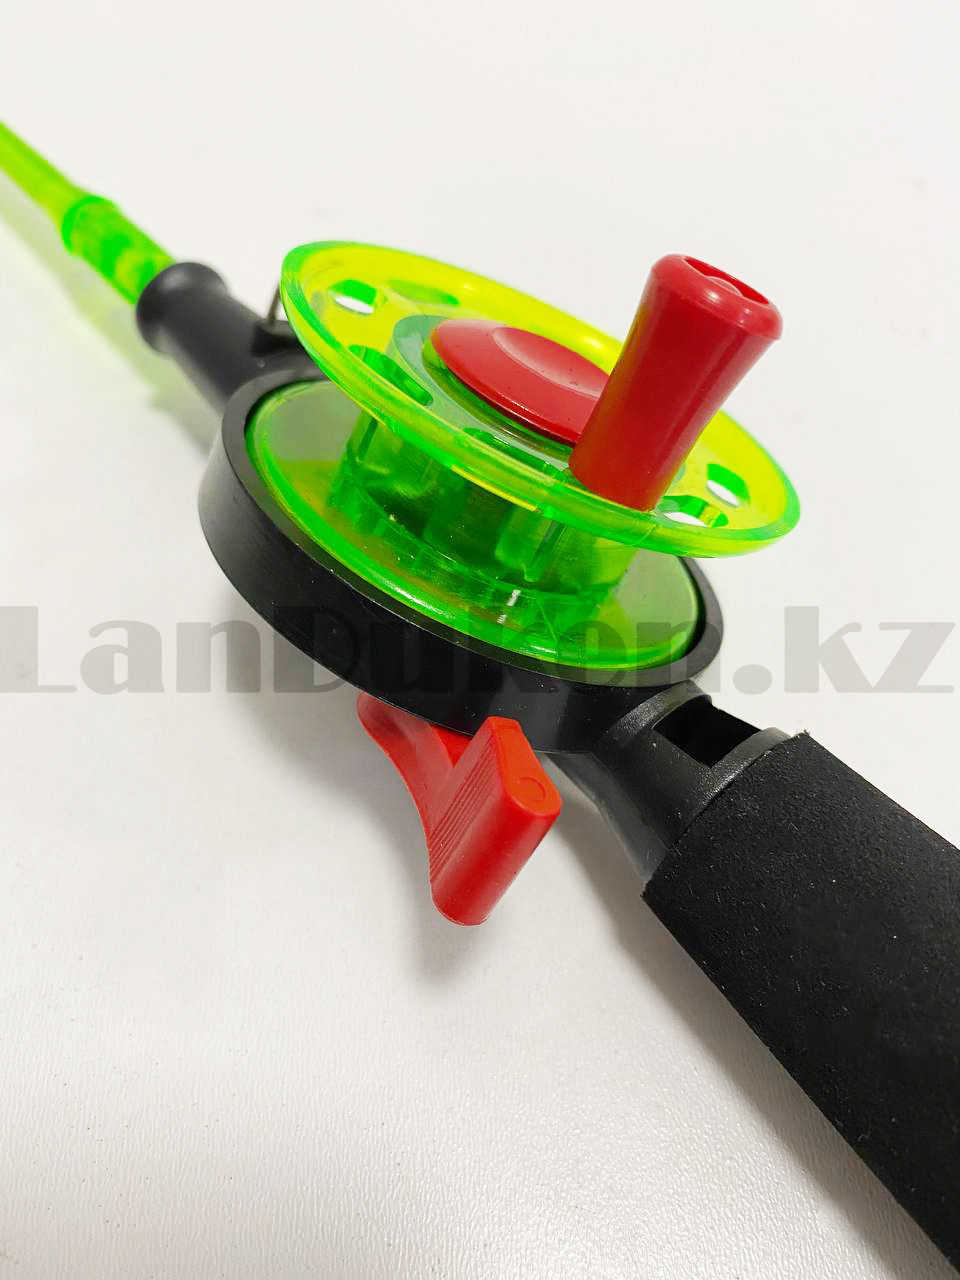 Зимняя удочка для блеснения разборная (зеленая катушка) 50,5 см - фото 3